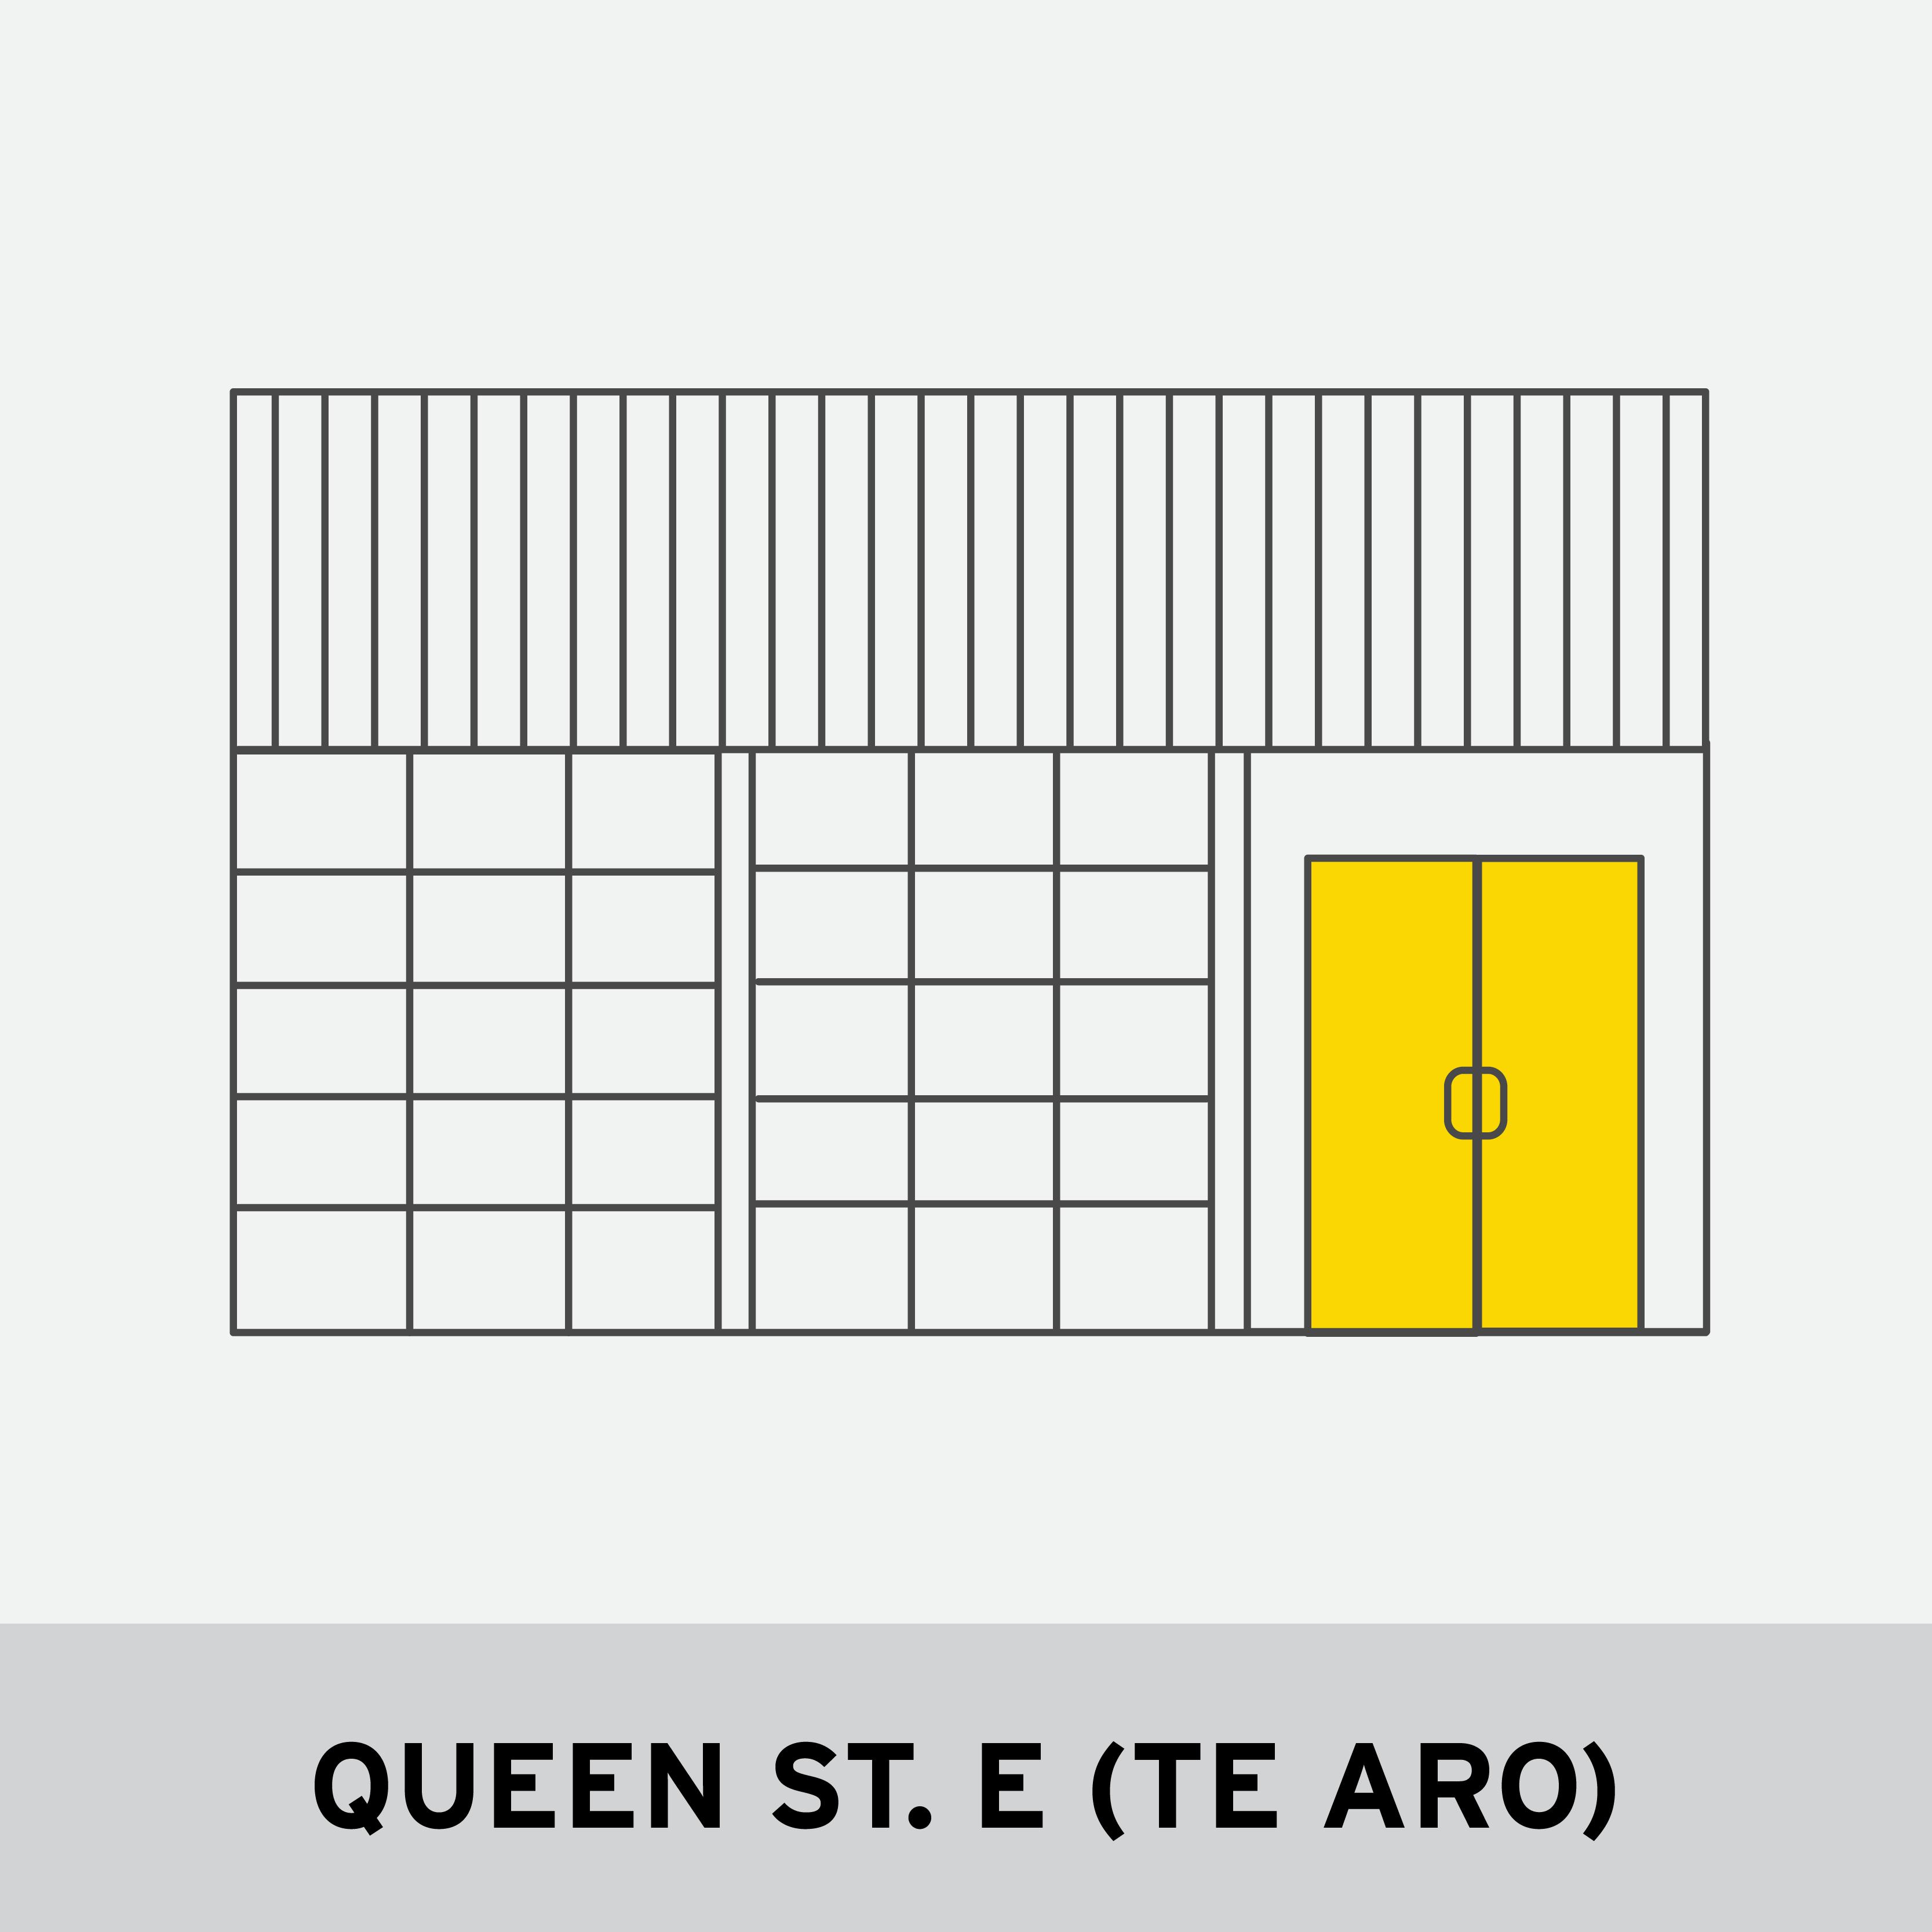 QUEEN ST. E. (TE ARO)